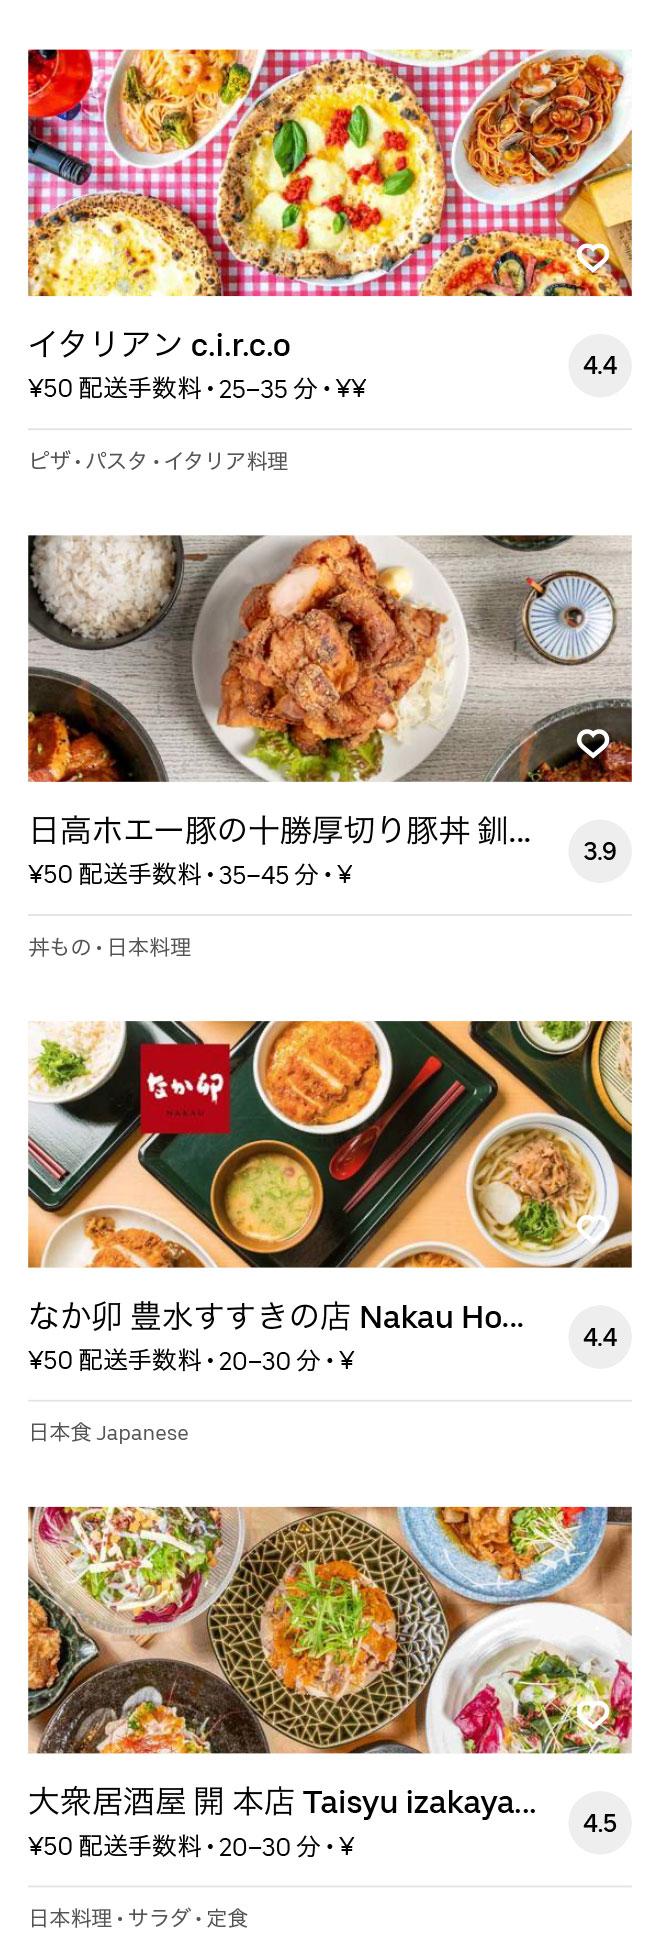 Susukino menu 2008 08